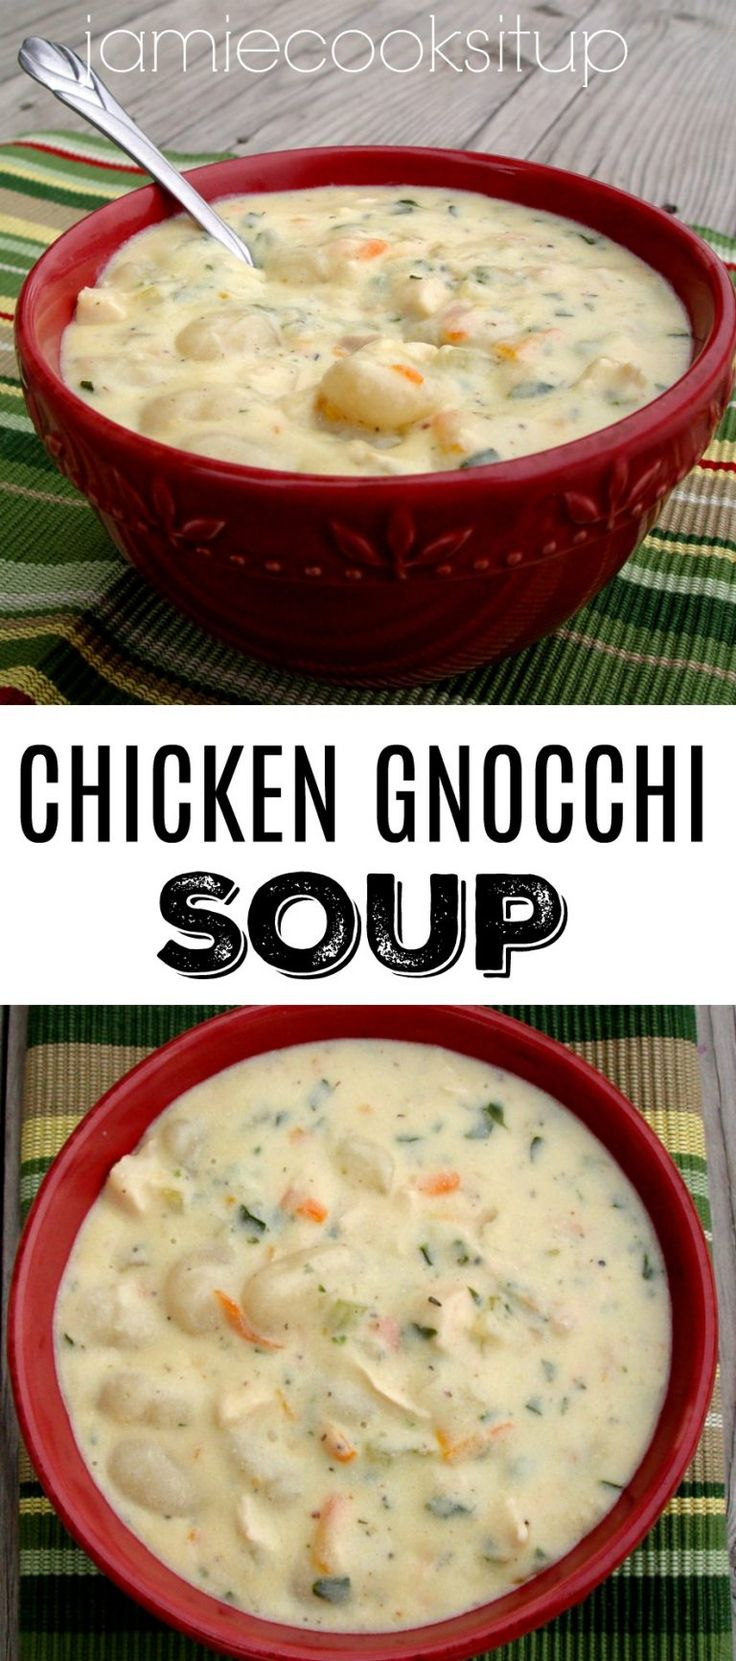 Sopa de ñoquis de pollo | Jamie Cook It Up – Comida y recetas favoritas de la familia